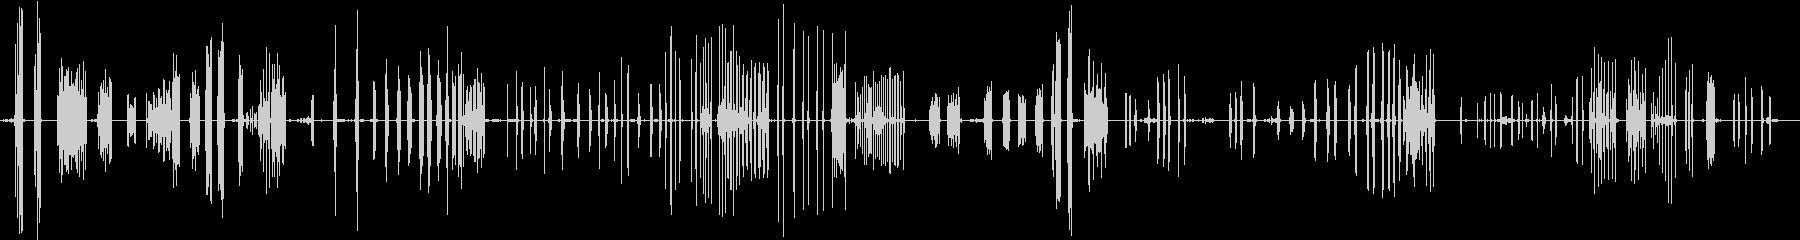 モッキンバード、ノーザン・ツイッタ...の未再生の波形